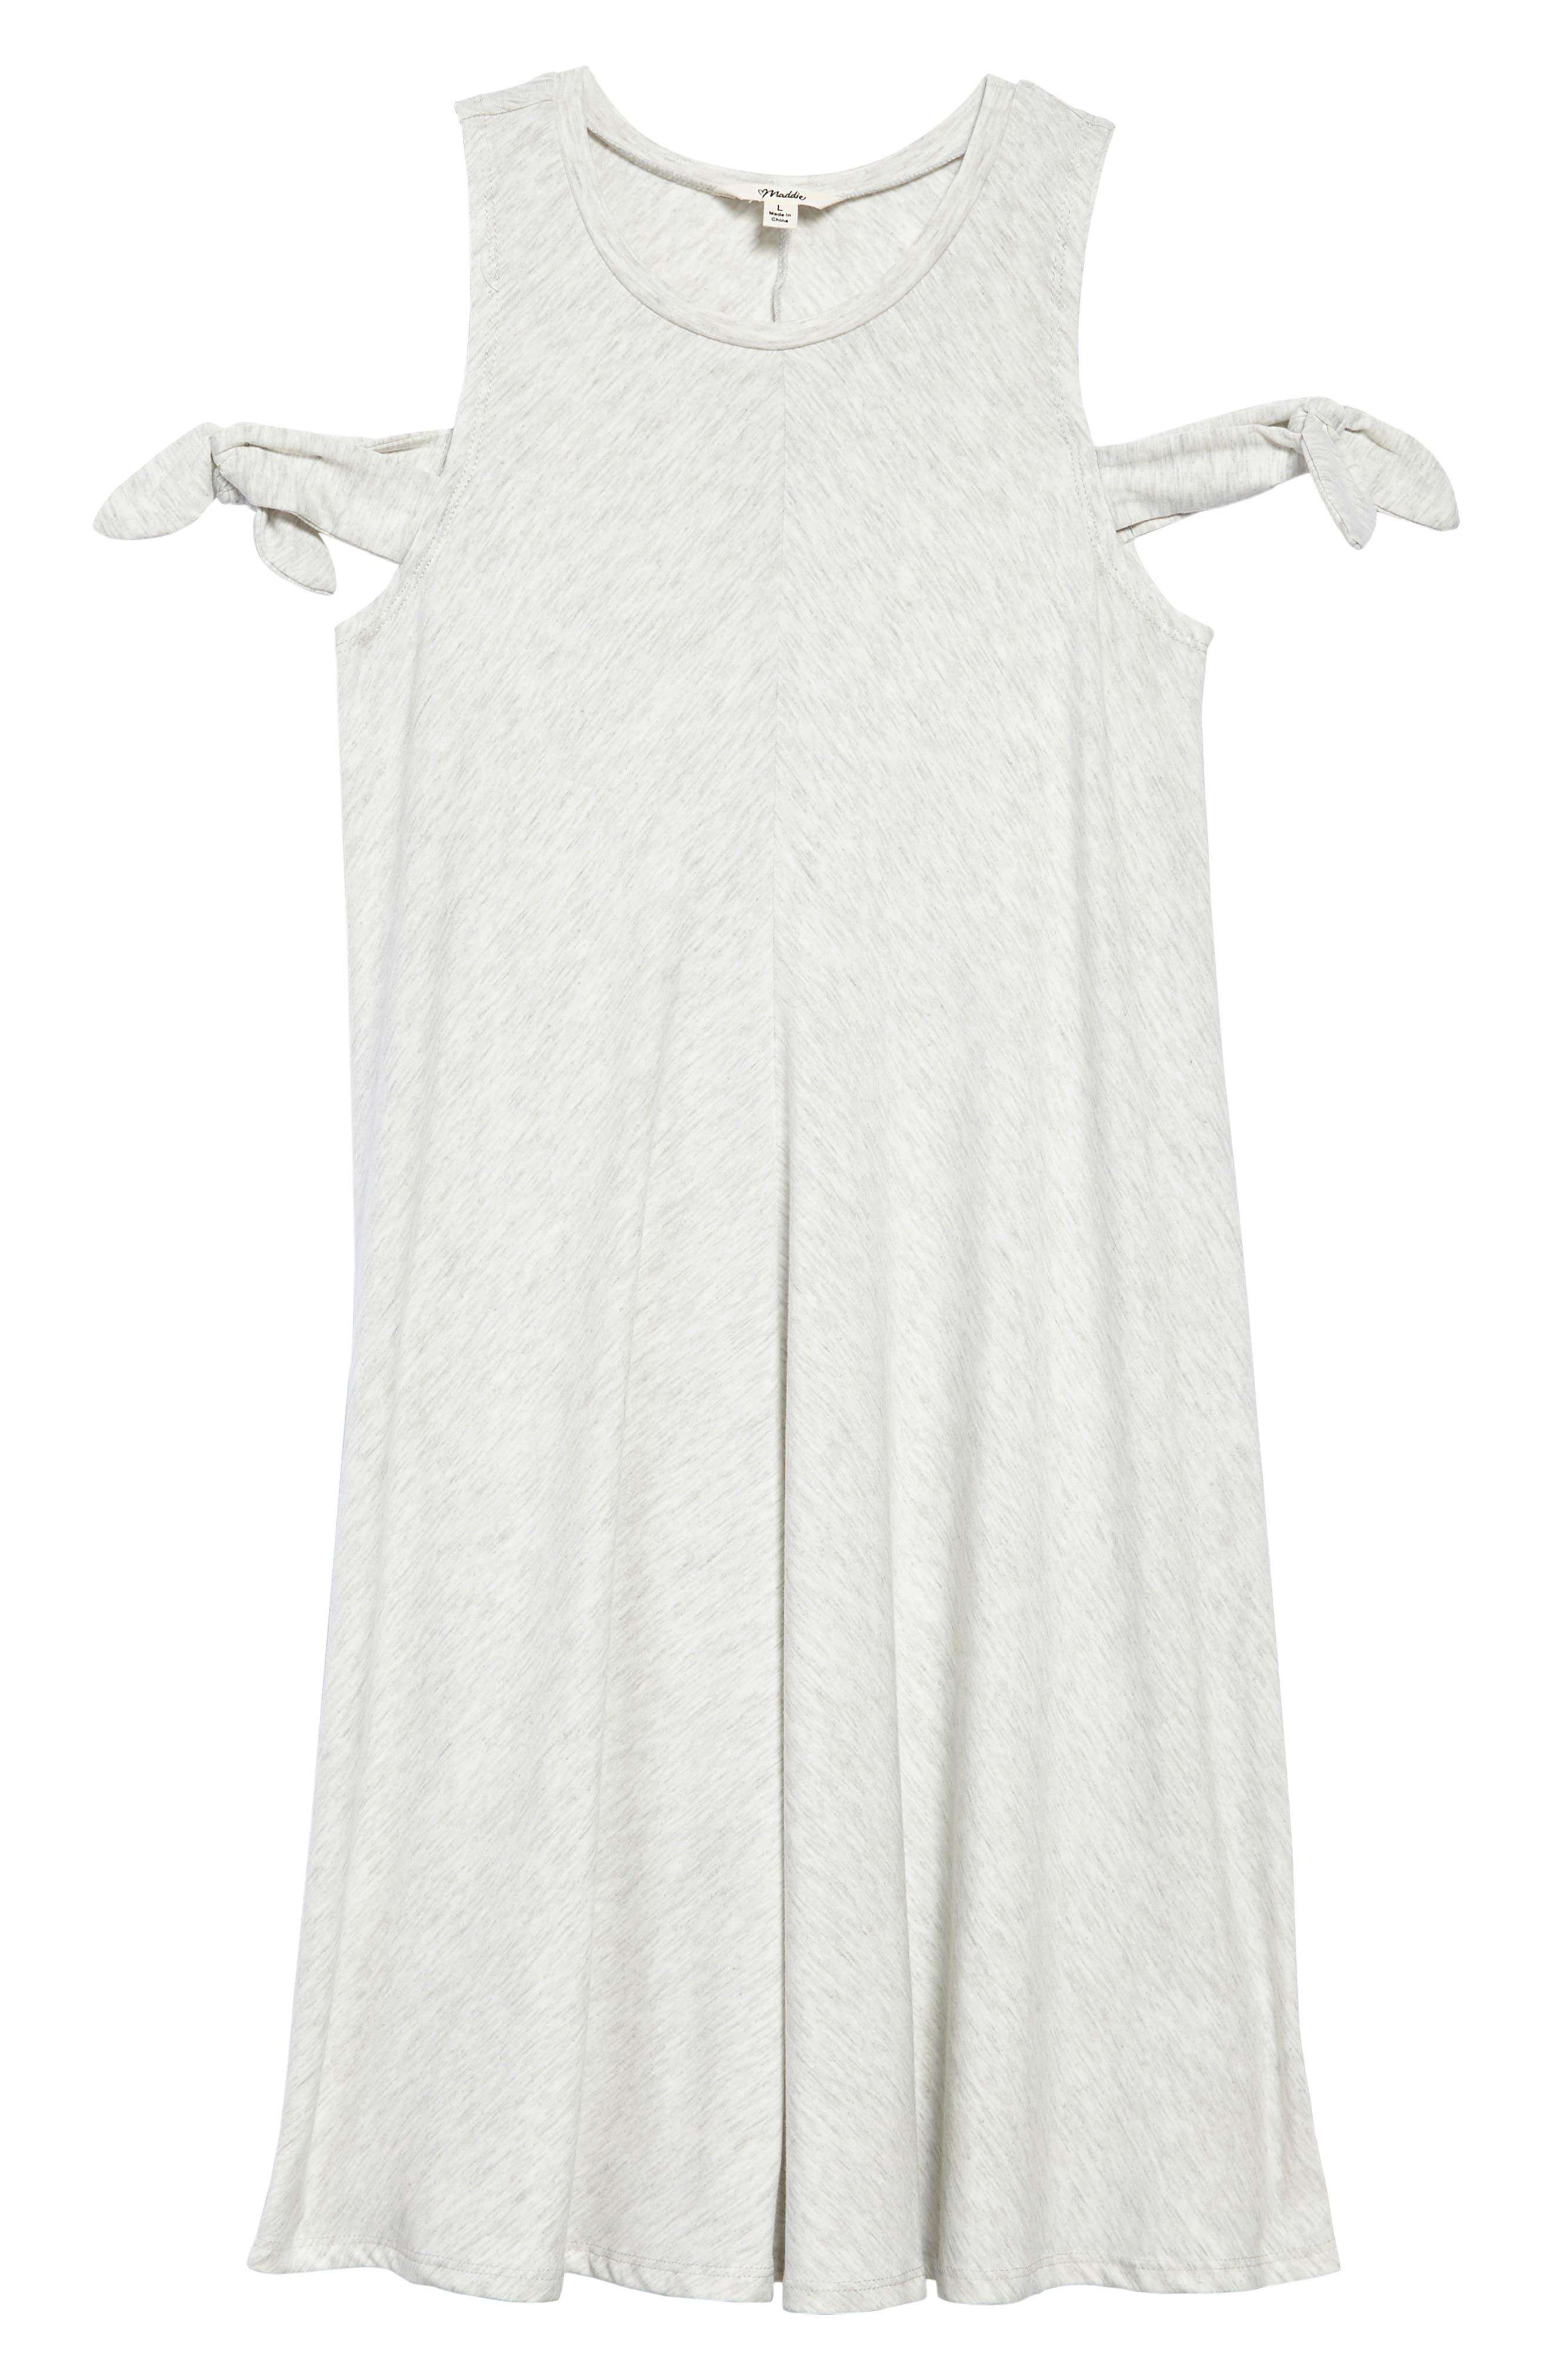 Main Image - Maddie Cold Shoulder Dress (Big Girls)